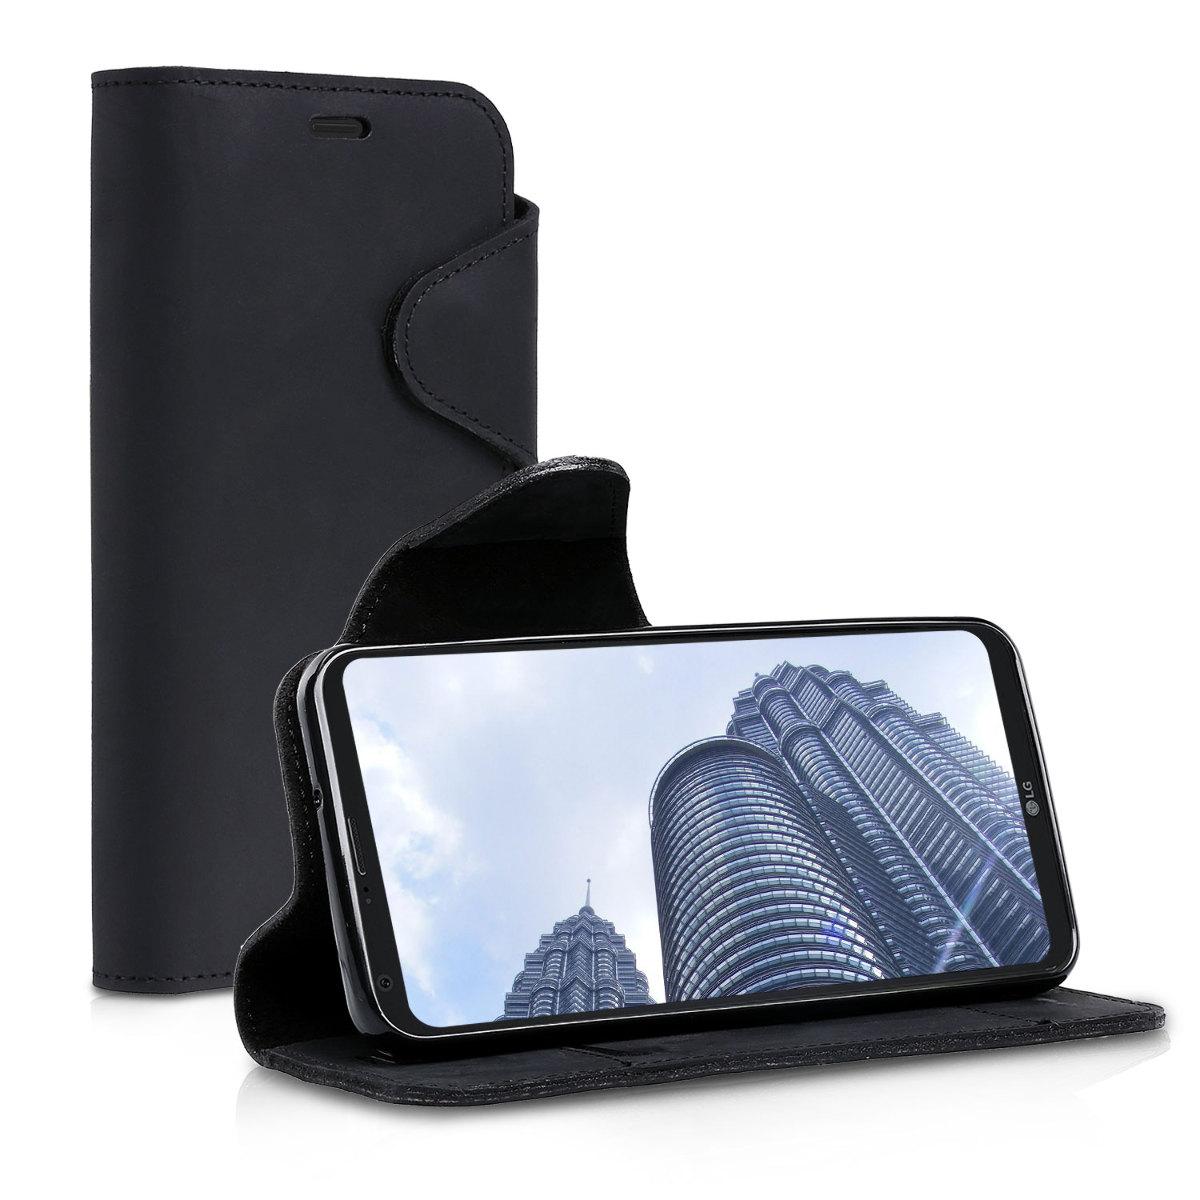 Kalibri Δερμάτινη Suede Θήκη - Πορτοφόλι LG Q6 / Q6+ - Black (43332.01)